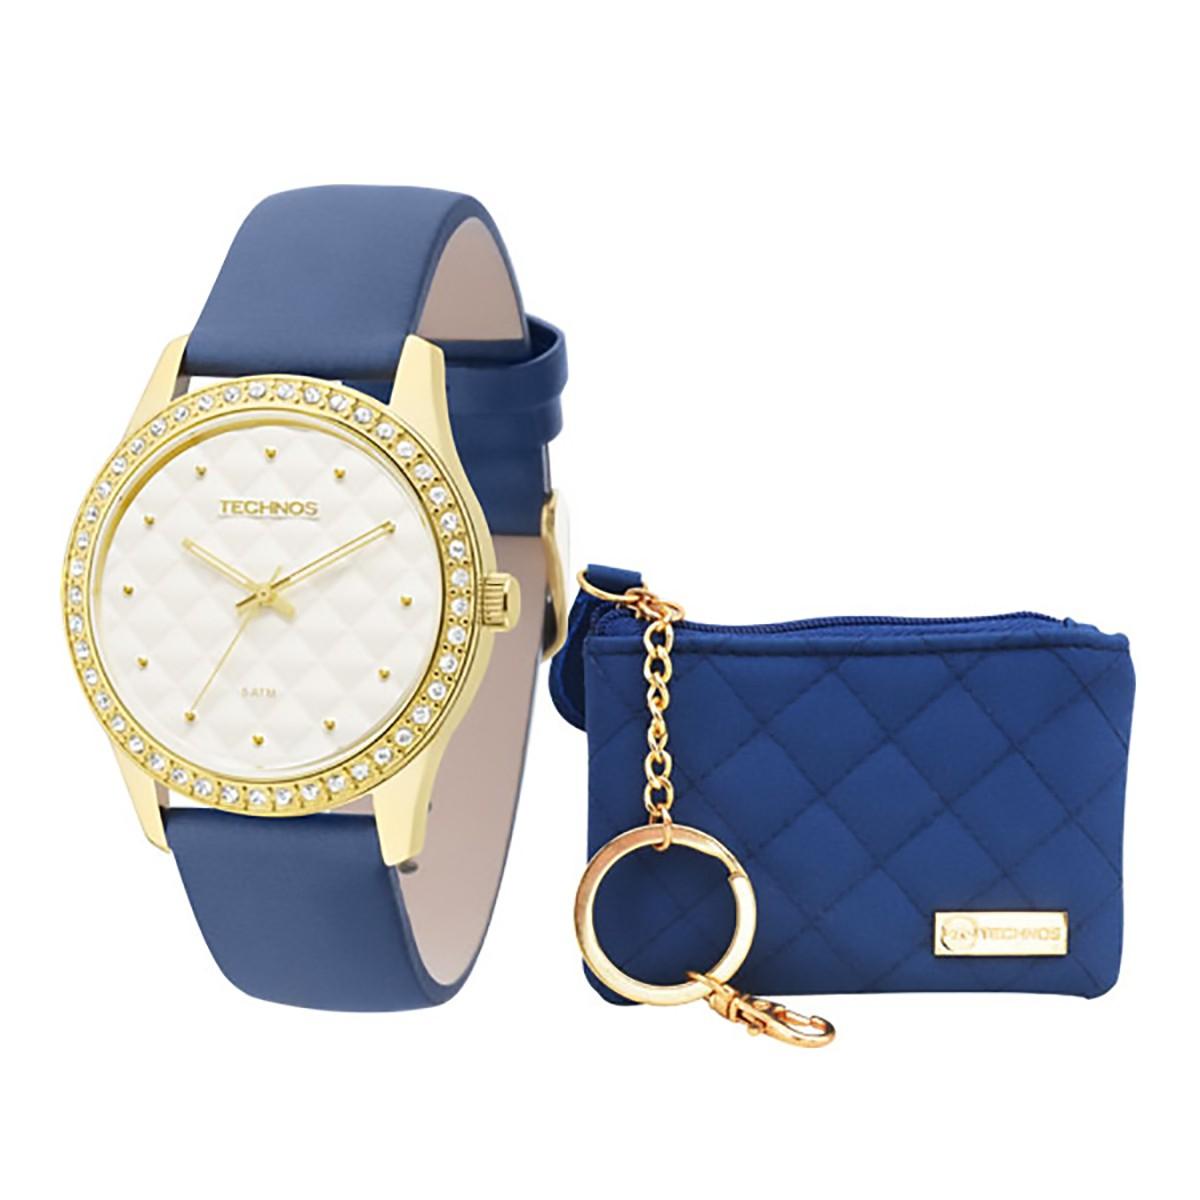 58e5bd039489b Kit carteira + Relógio Technos Fashion Trend   Tri-Jóia Shop